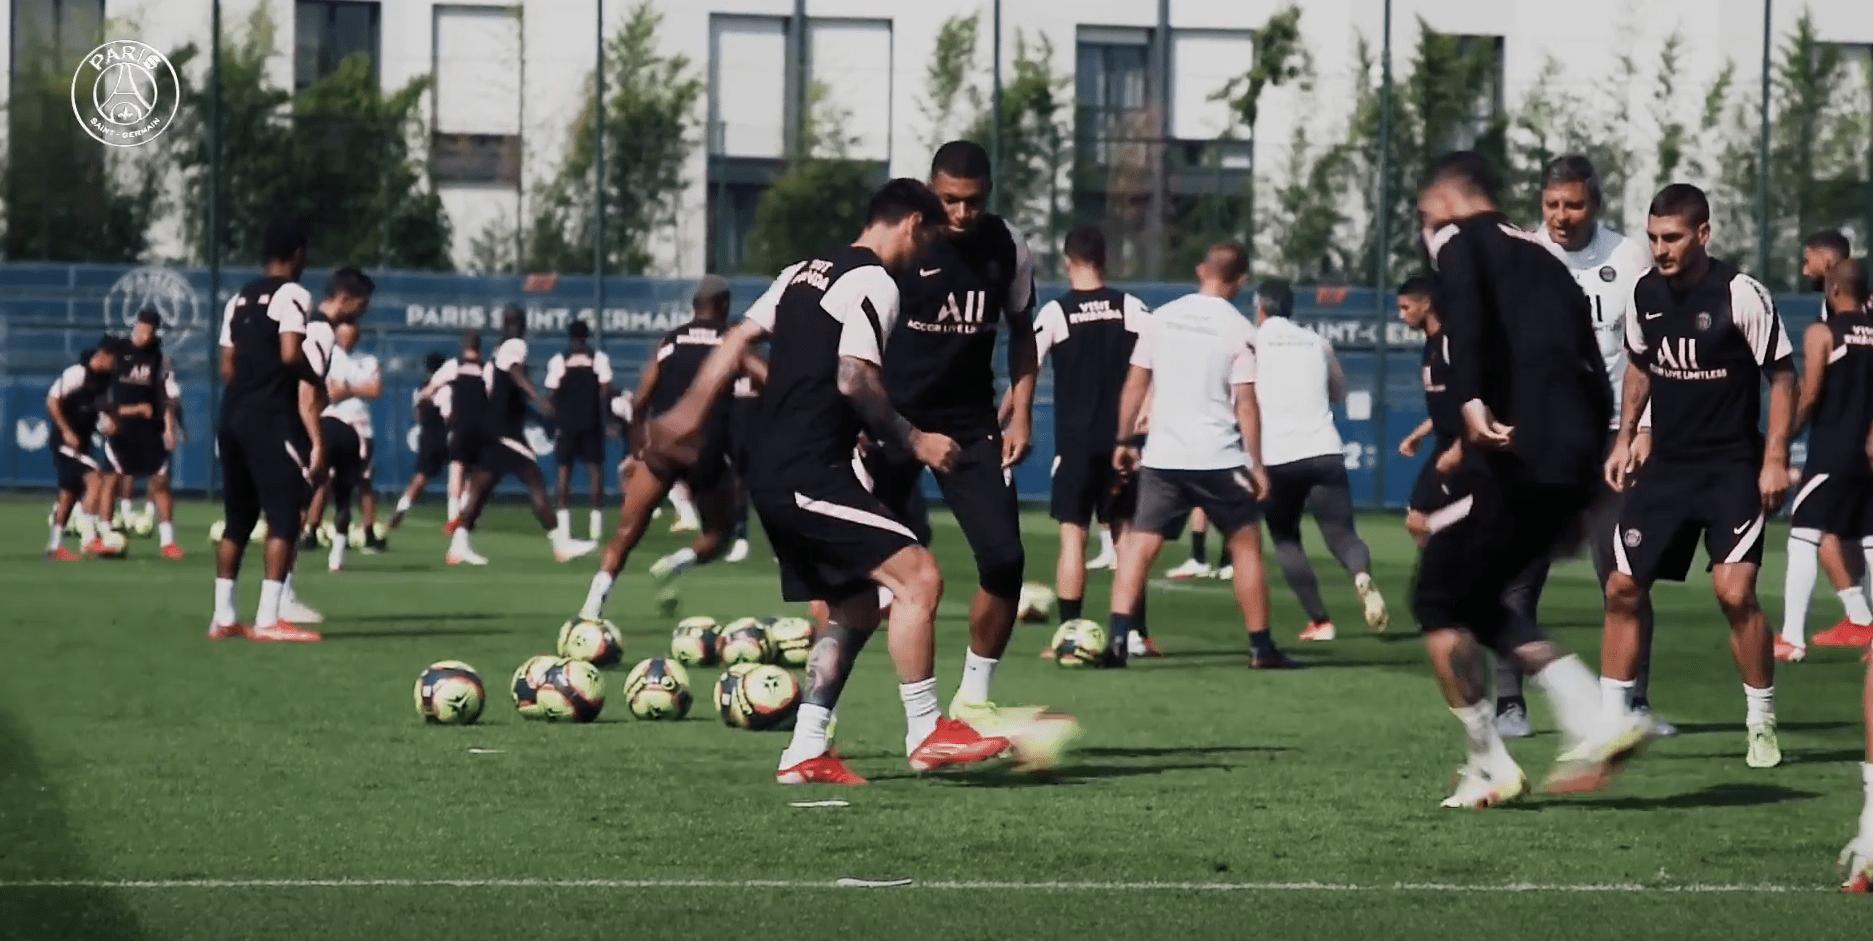 PSG/Montpellier - Suivez le début de l'entraînement parisien ce vendredi à 11h